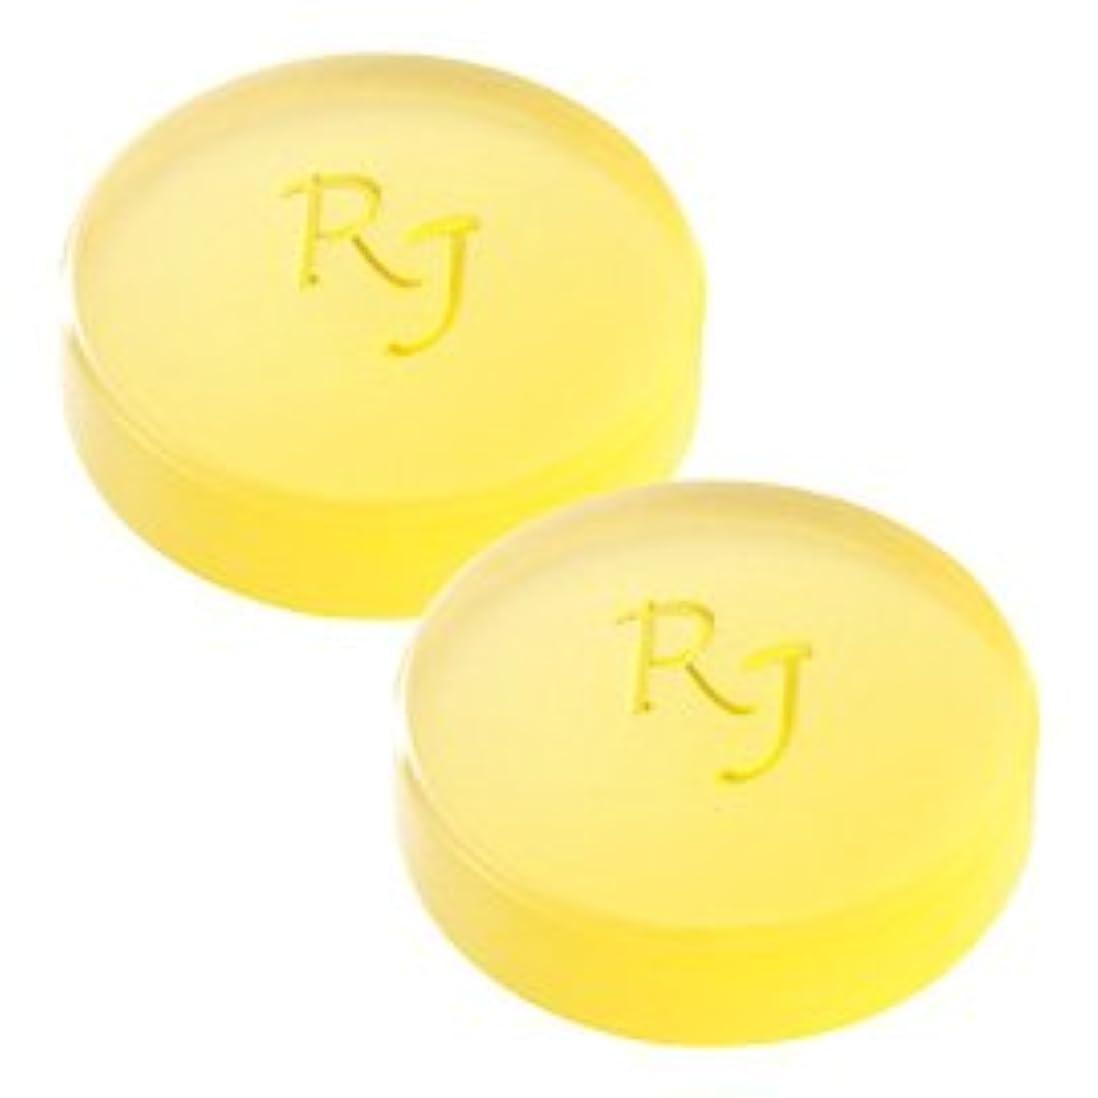 サンドイッチ帽子設計図RJスキンケアソープ(洗顔石鹸) 60g×2個 / RJ Skin Care Soap <60g×2>